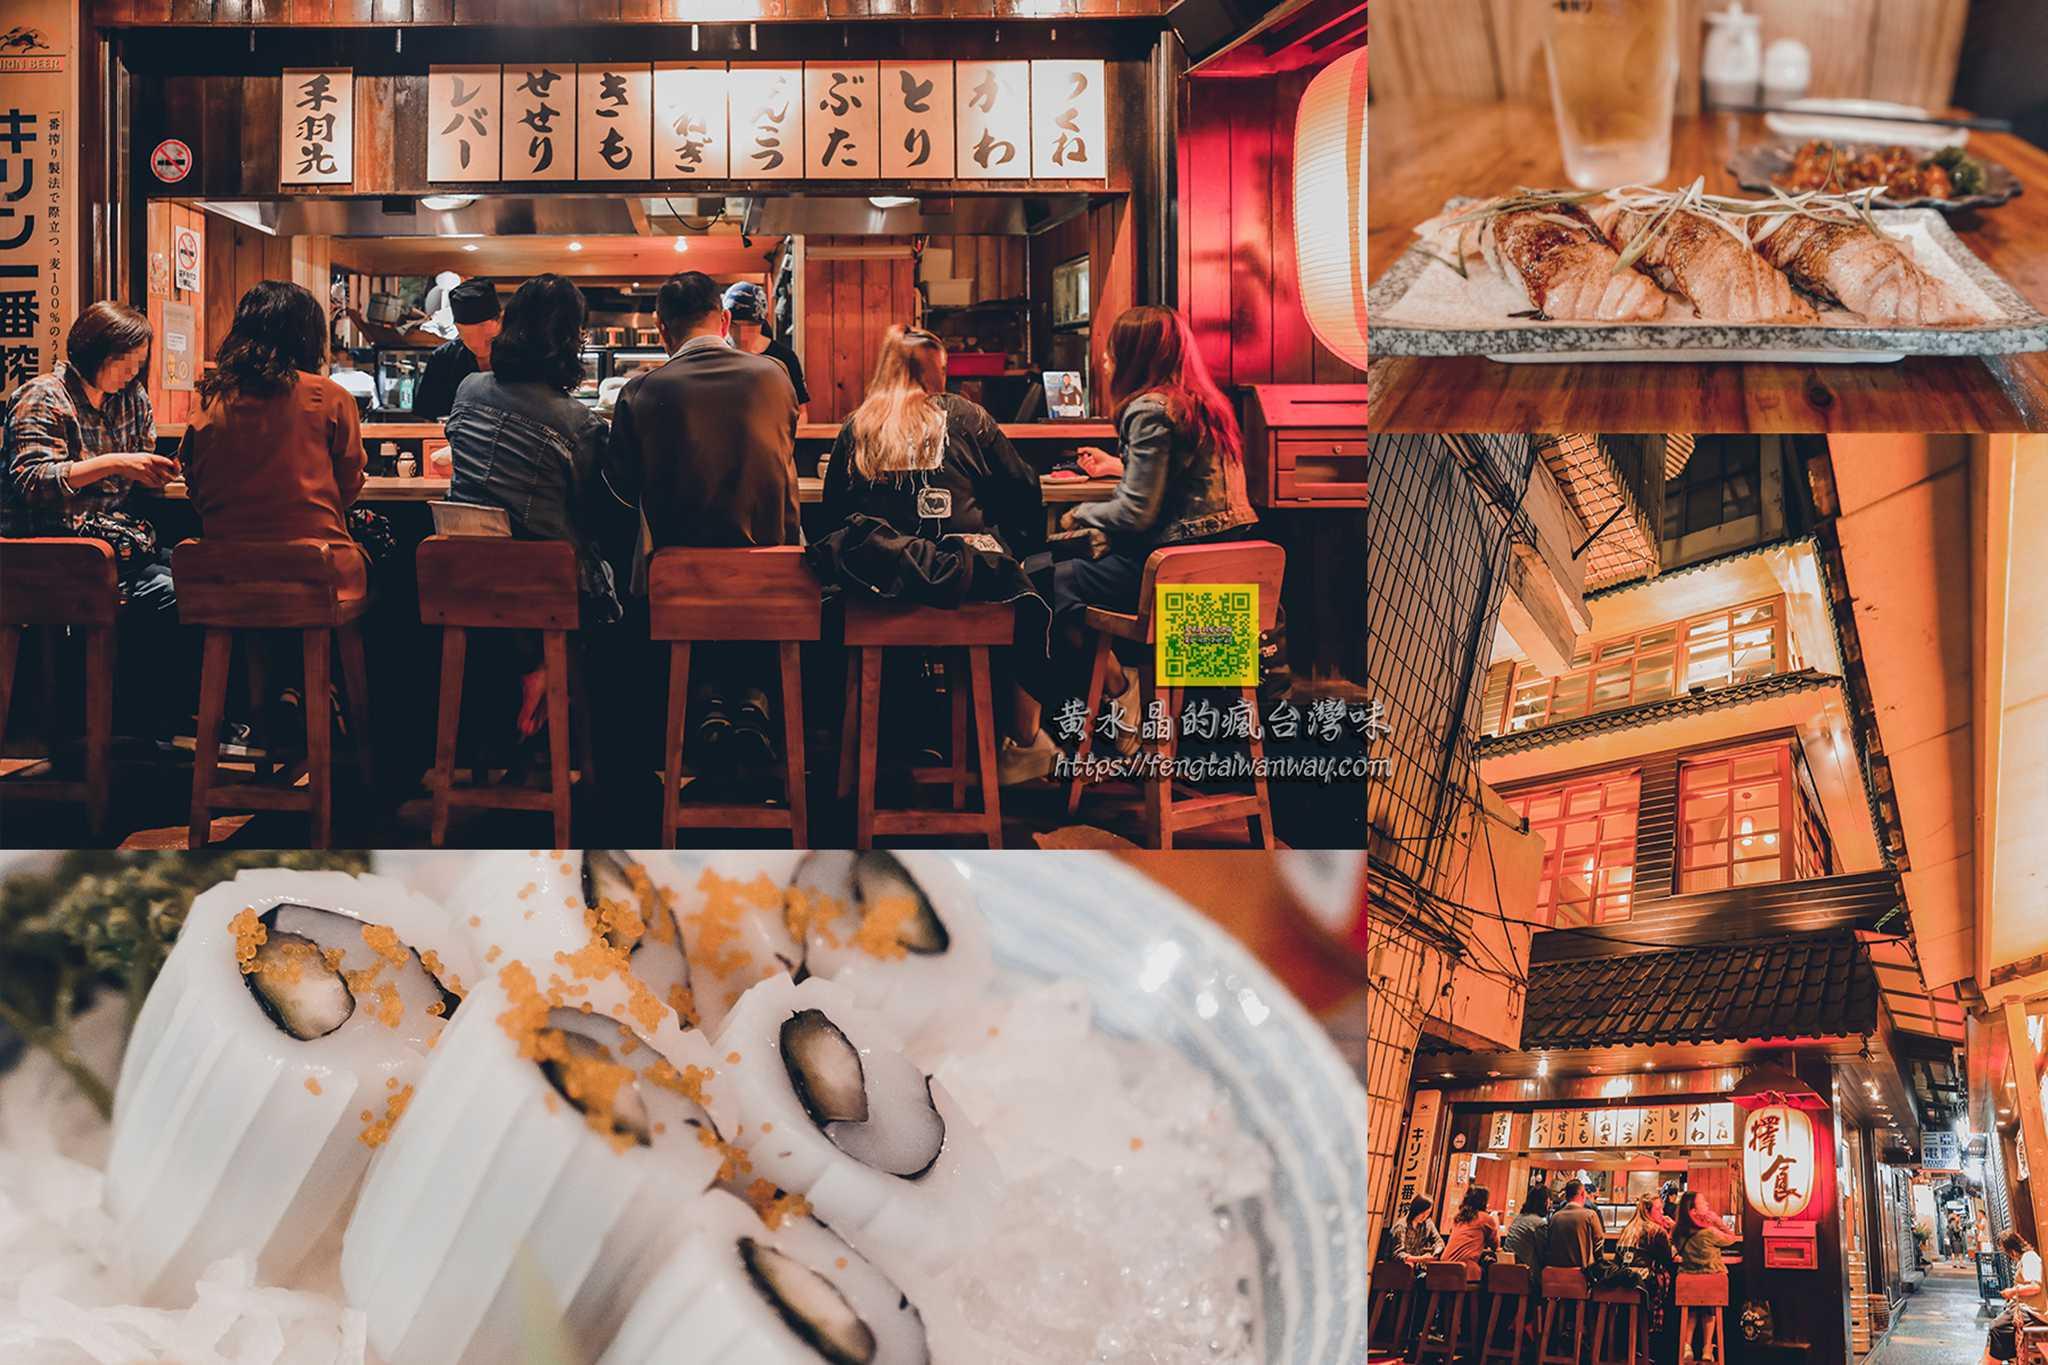 【基隆旅遊美食懶人包】基隆美食小吃、旅遊景點推薦|窺探基隆港灣必吃美食小吃及旅遊景點 @黃水晶的瘋台灣味